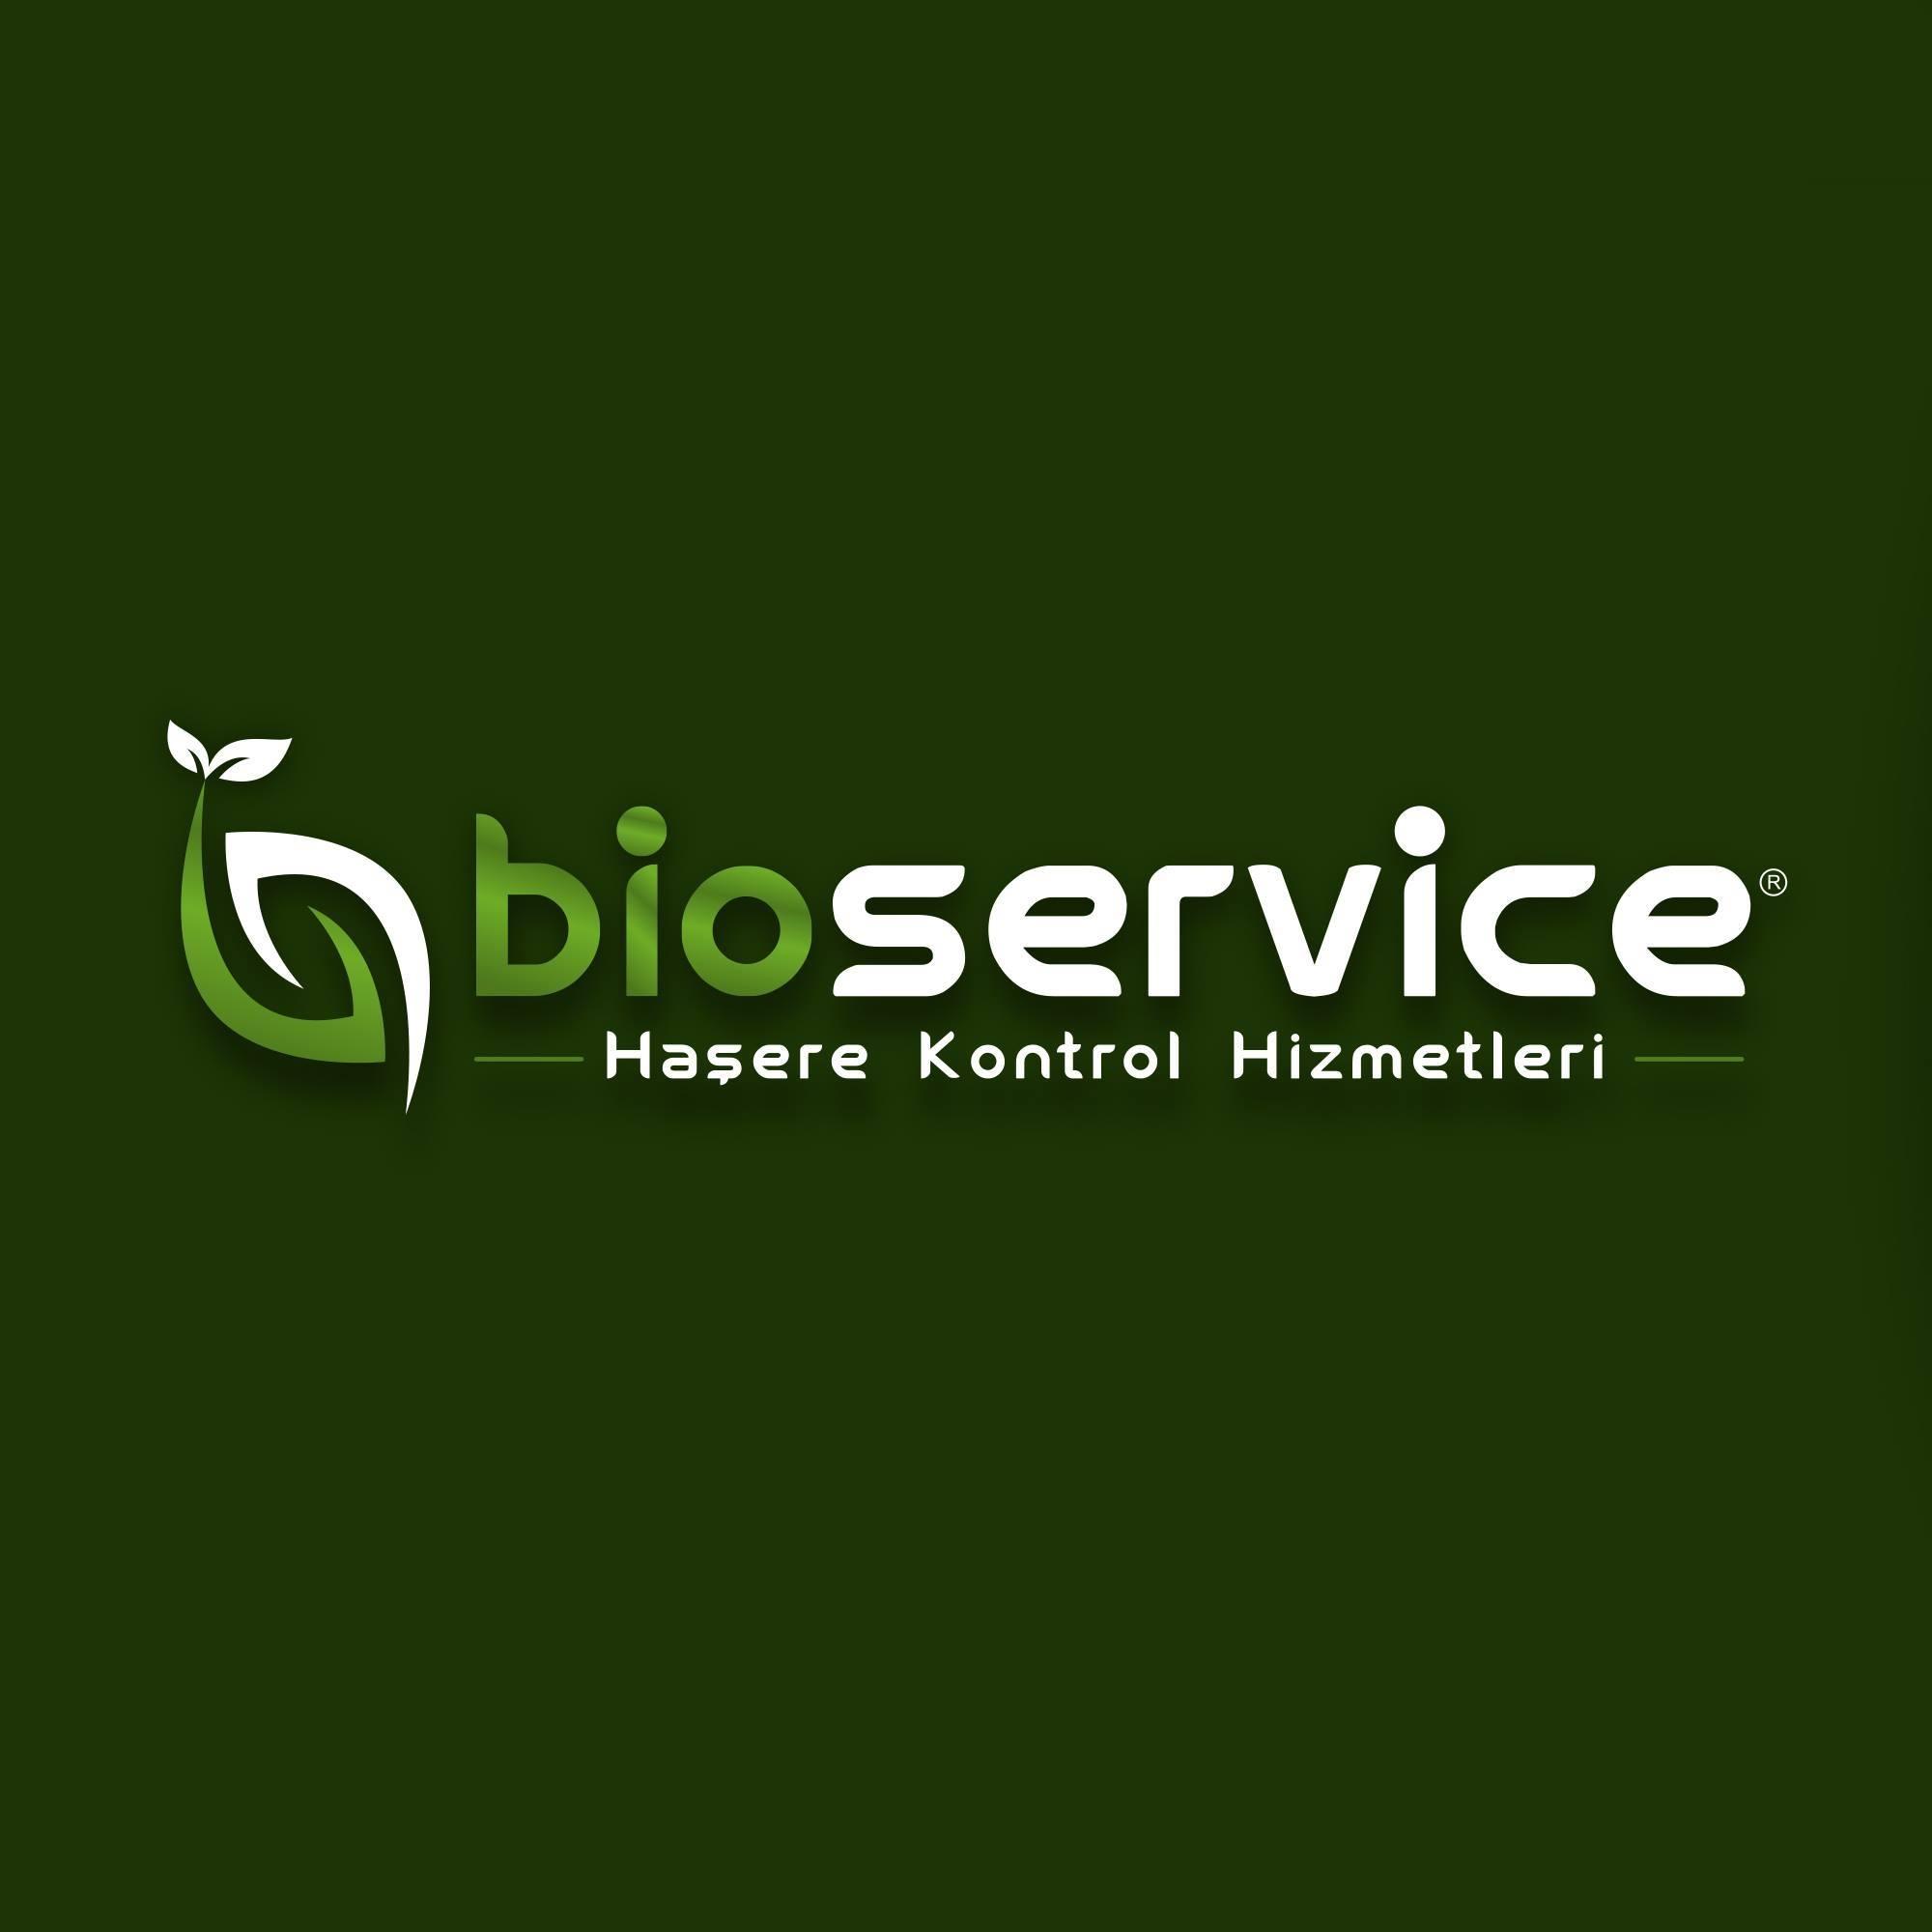 Bioservice Haşere Kontrol Hizmetleri